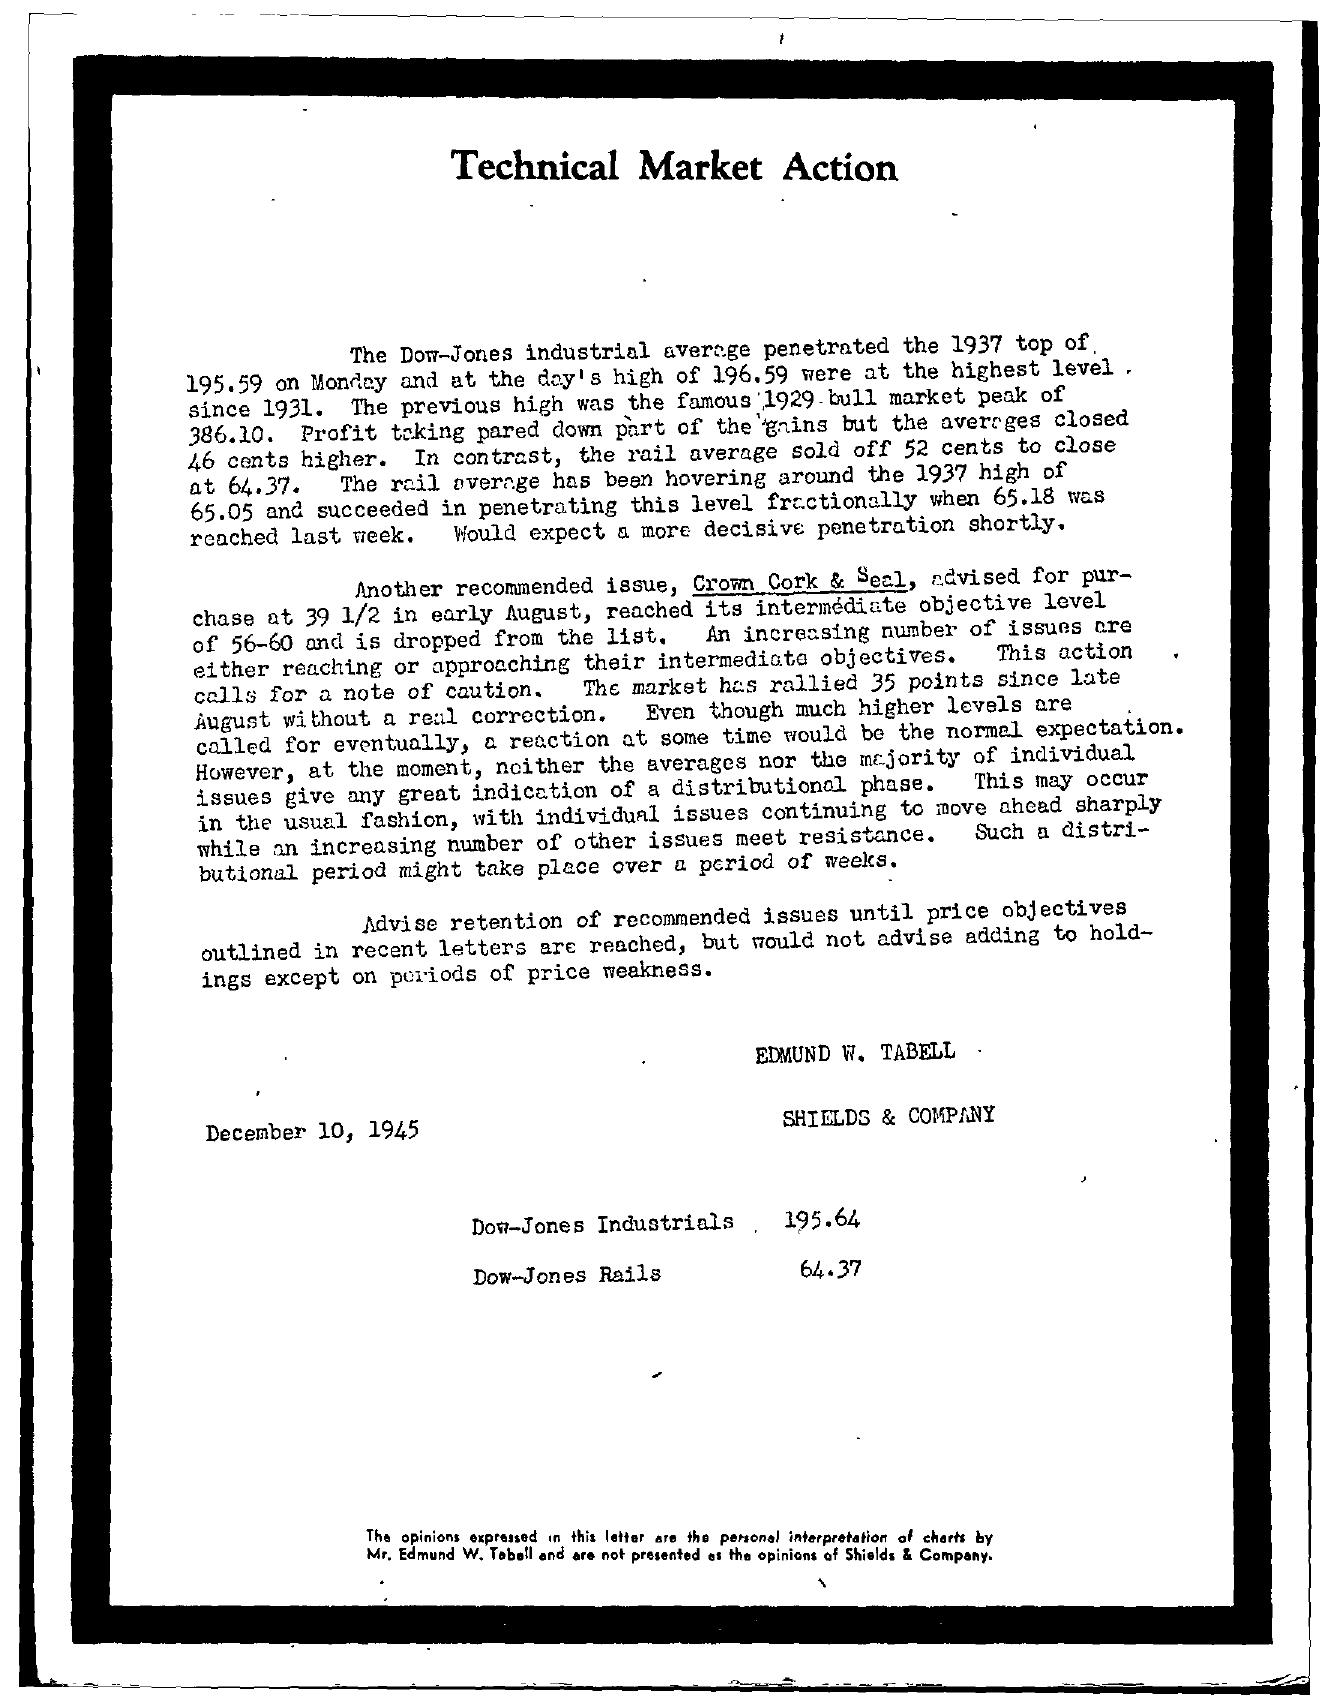 Tabell's Market Letter - December 10, 1945